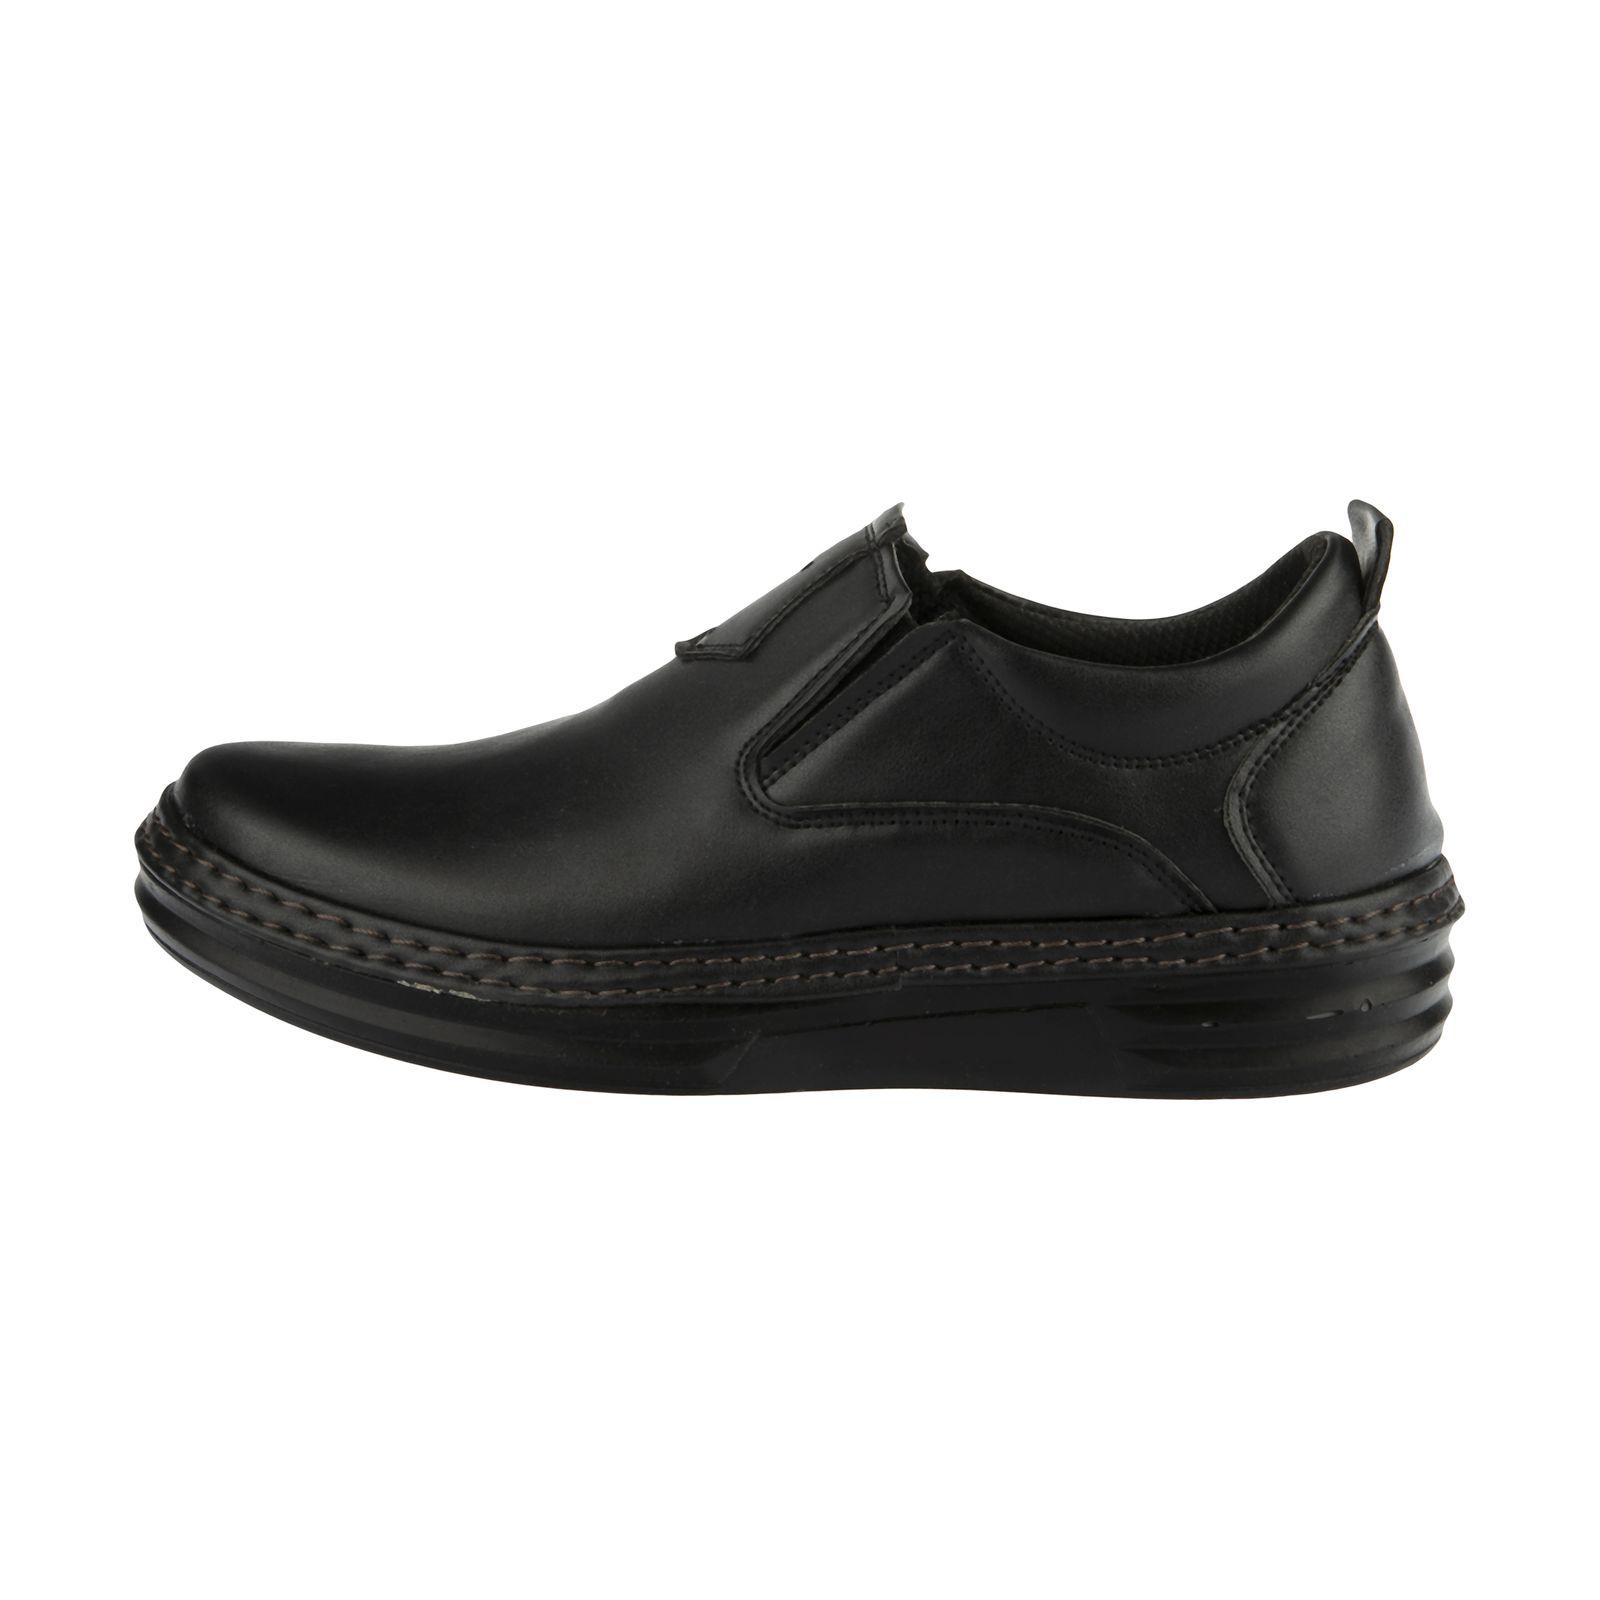 کفش روزمره مردانه اسپرت من مدل 40024-1-13  -  - 2